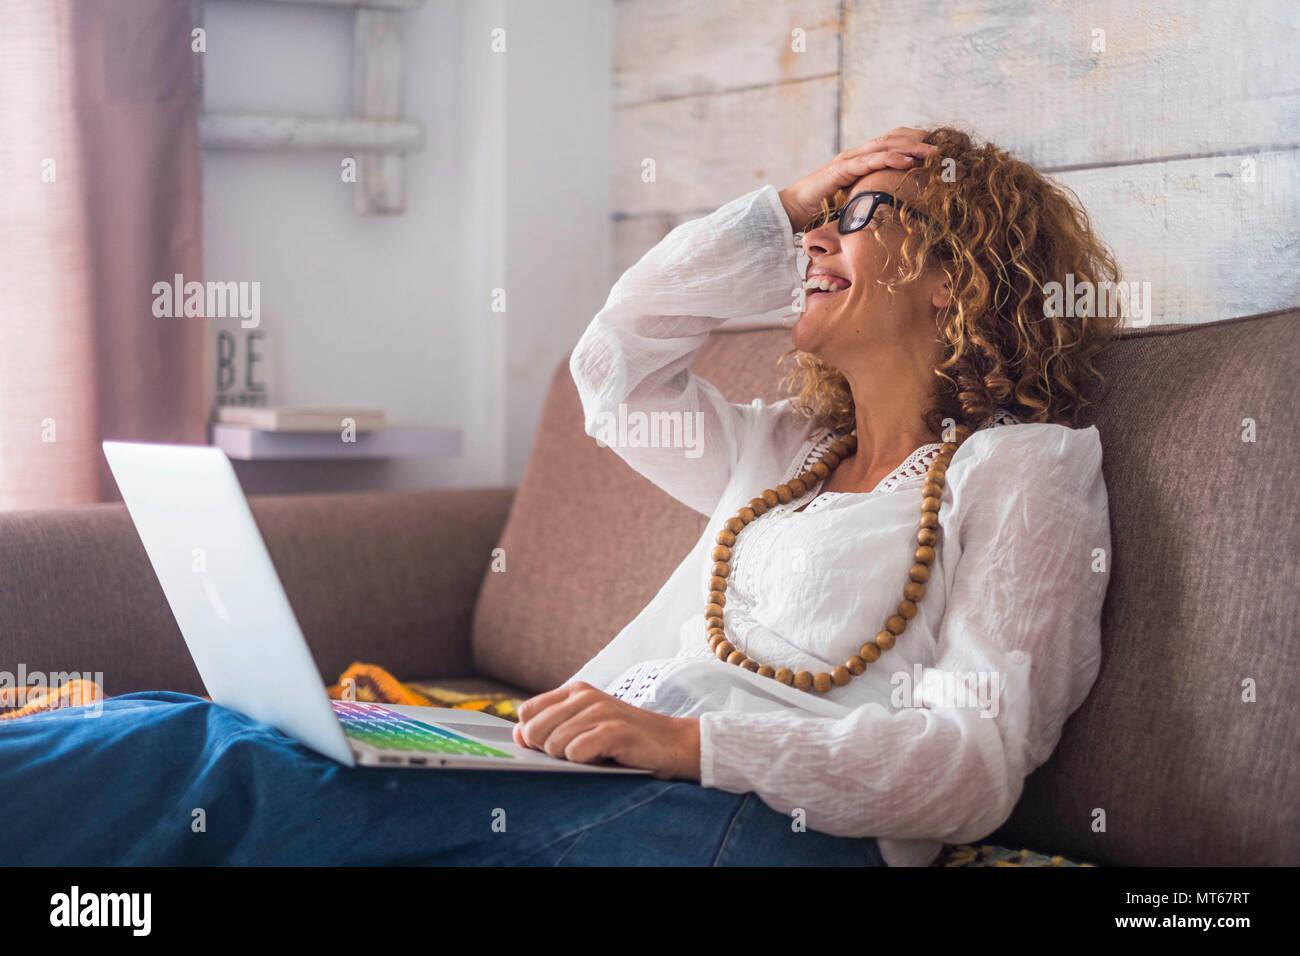 Sorridere e ridere caucasian bella età media donna sedersi sul divano di casa con una tastiera colorata portatile. lavorando felice nozione autonoma Immagini Stock